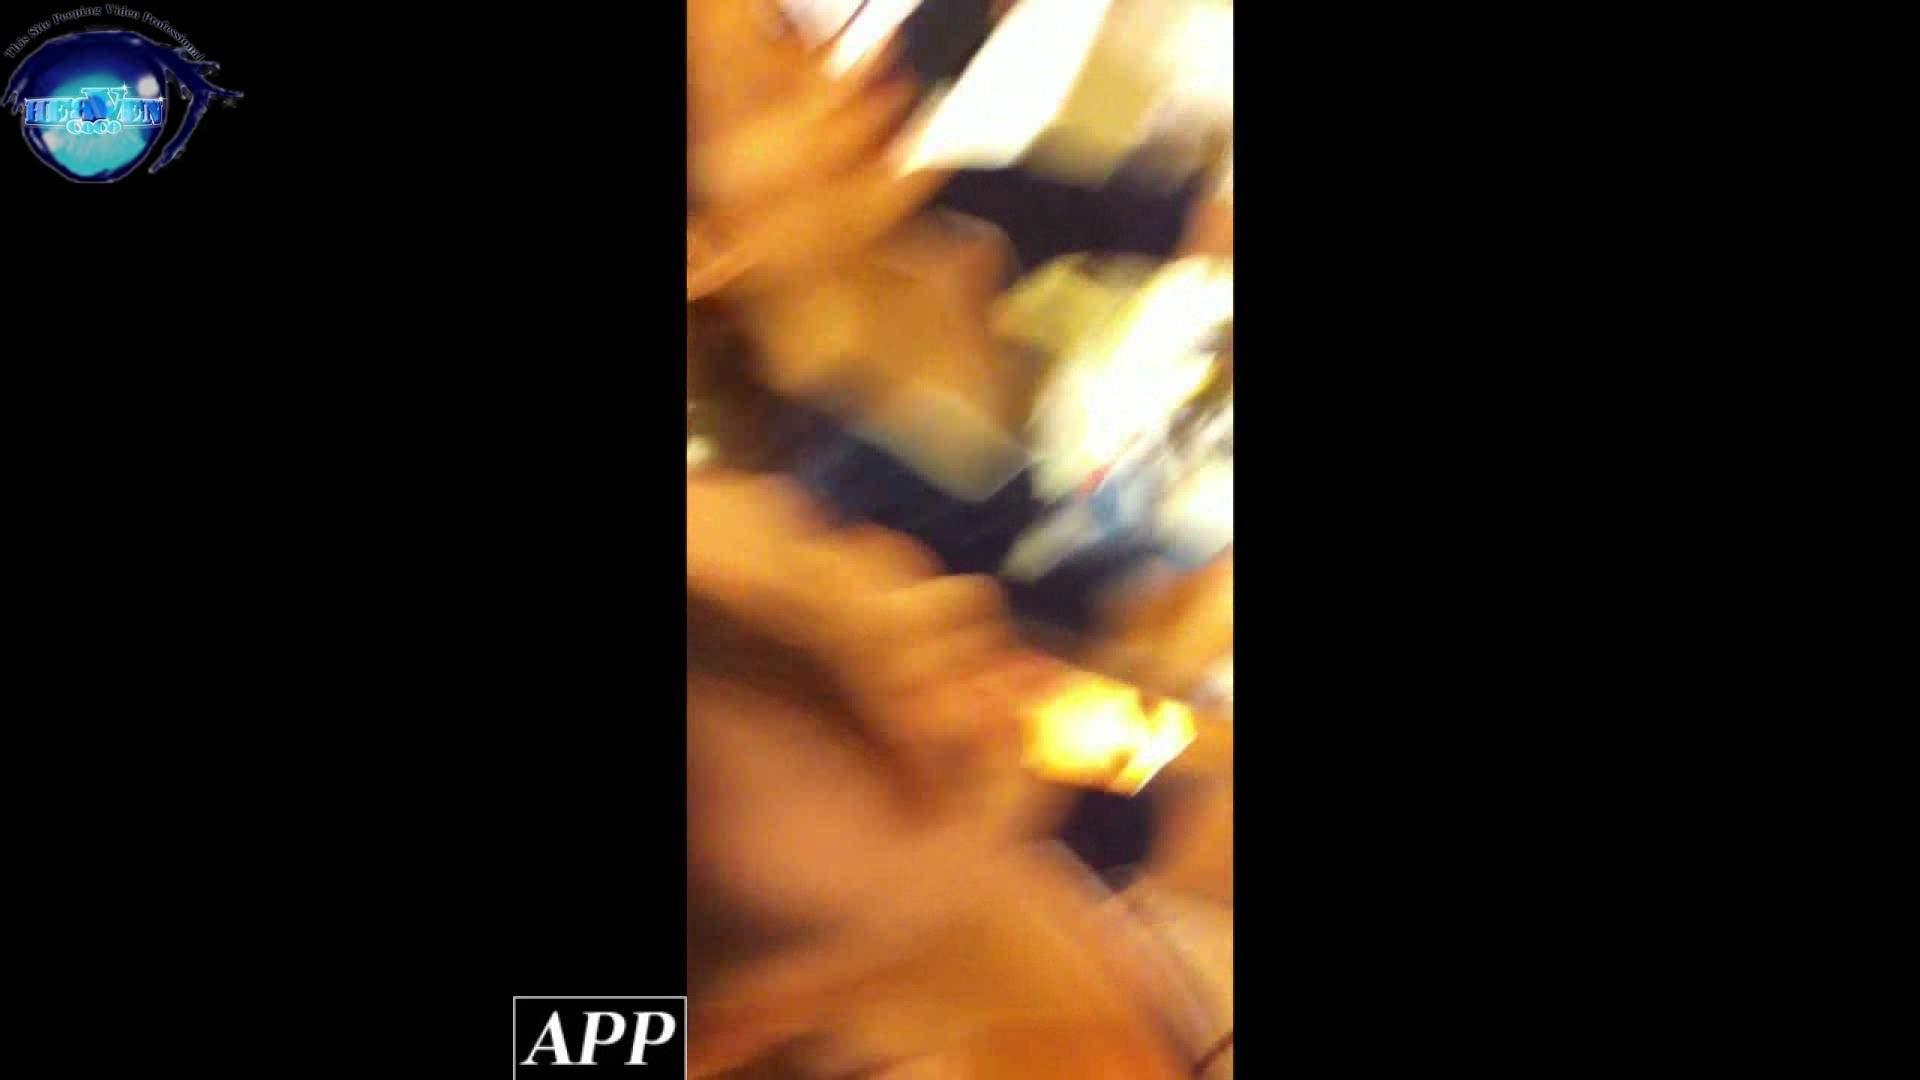 ハイビジョン盗撮!ショップ店員千人斬り!胸チラ編 vol.61 チクビ セックス画像 93pic 11